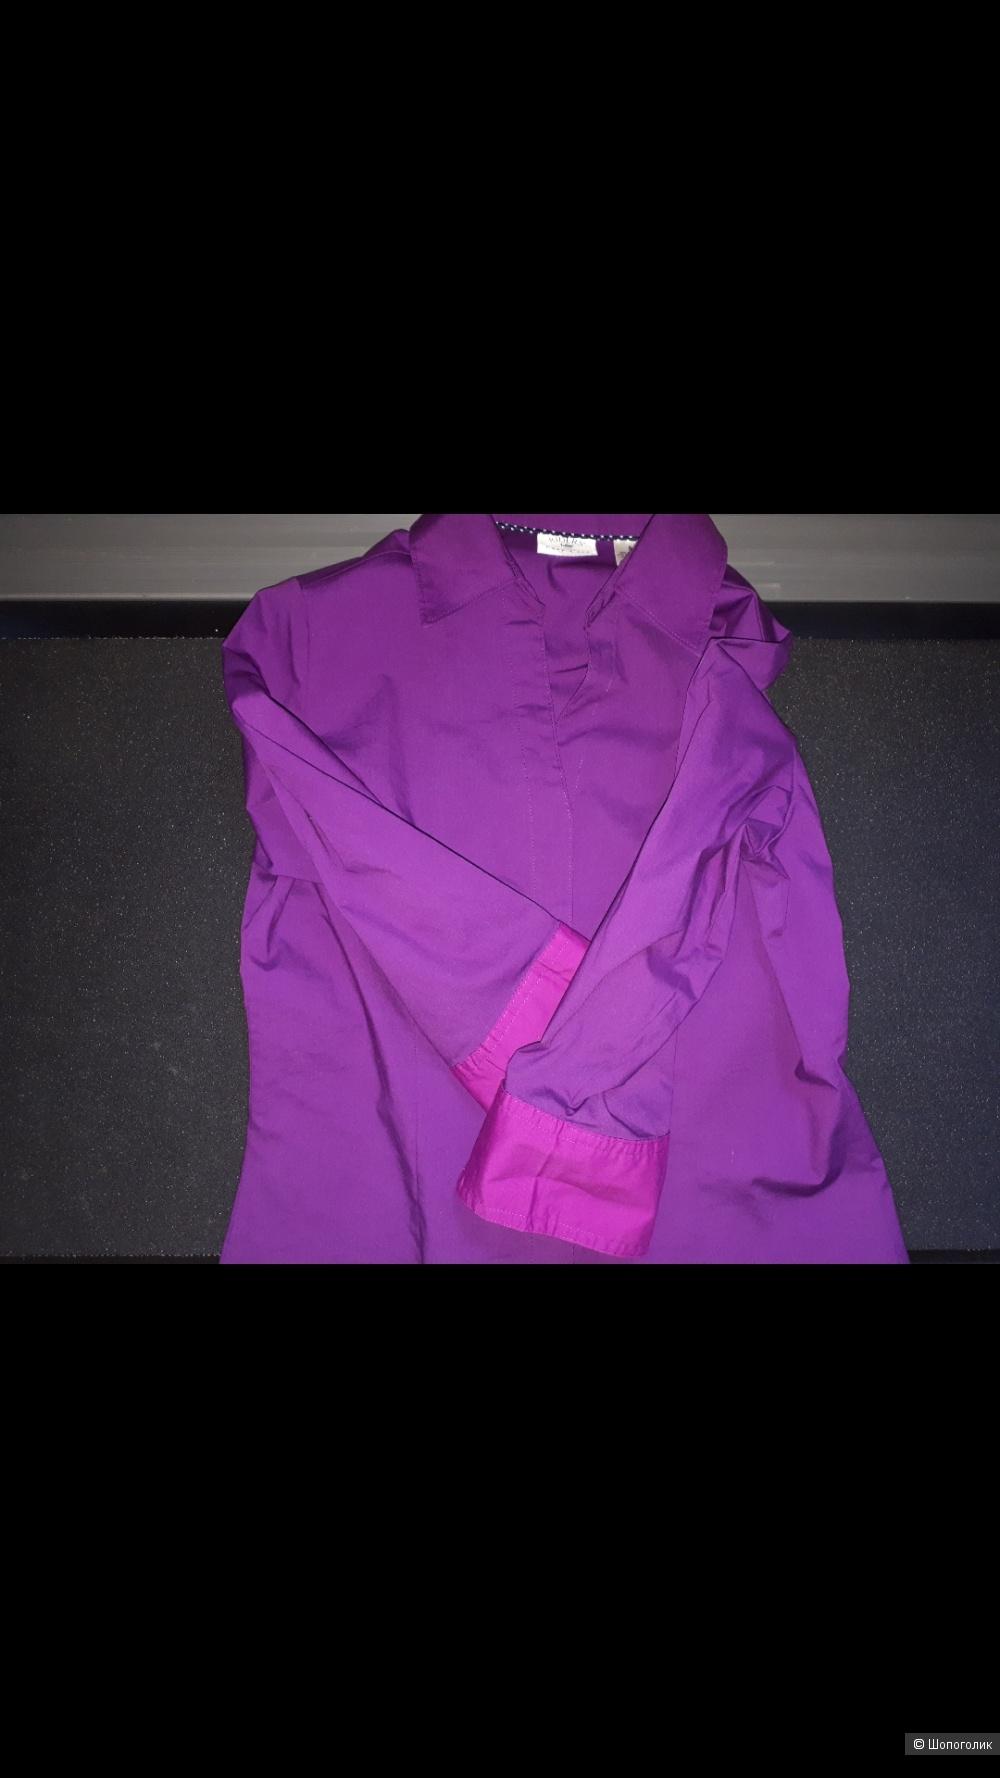 Рубашка Riders by Lee S размер